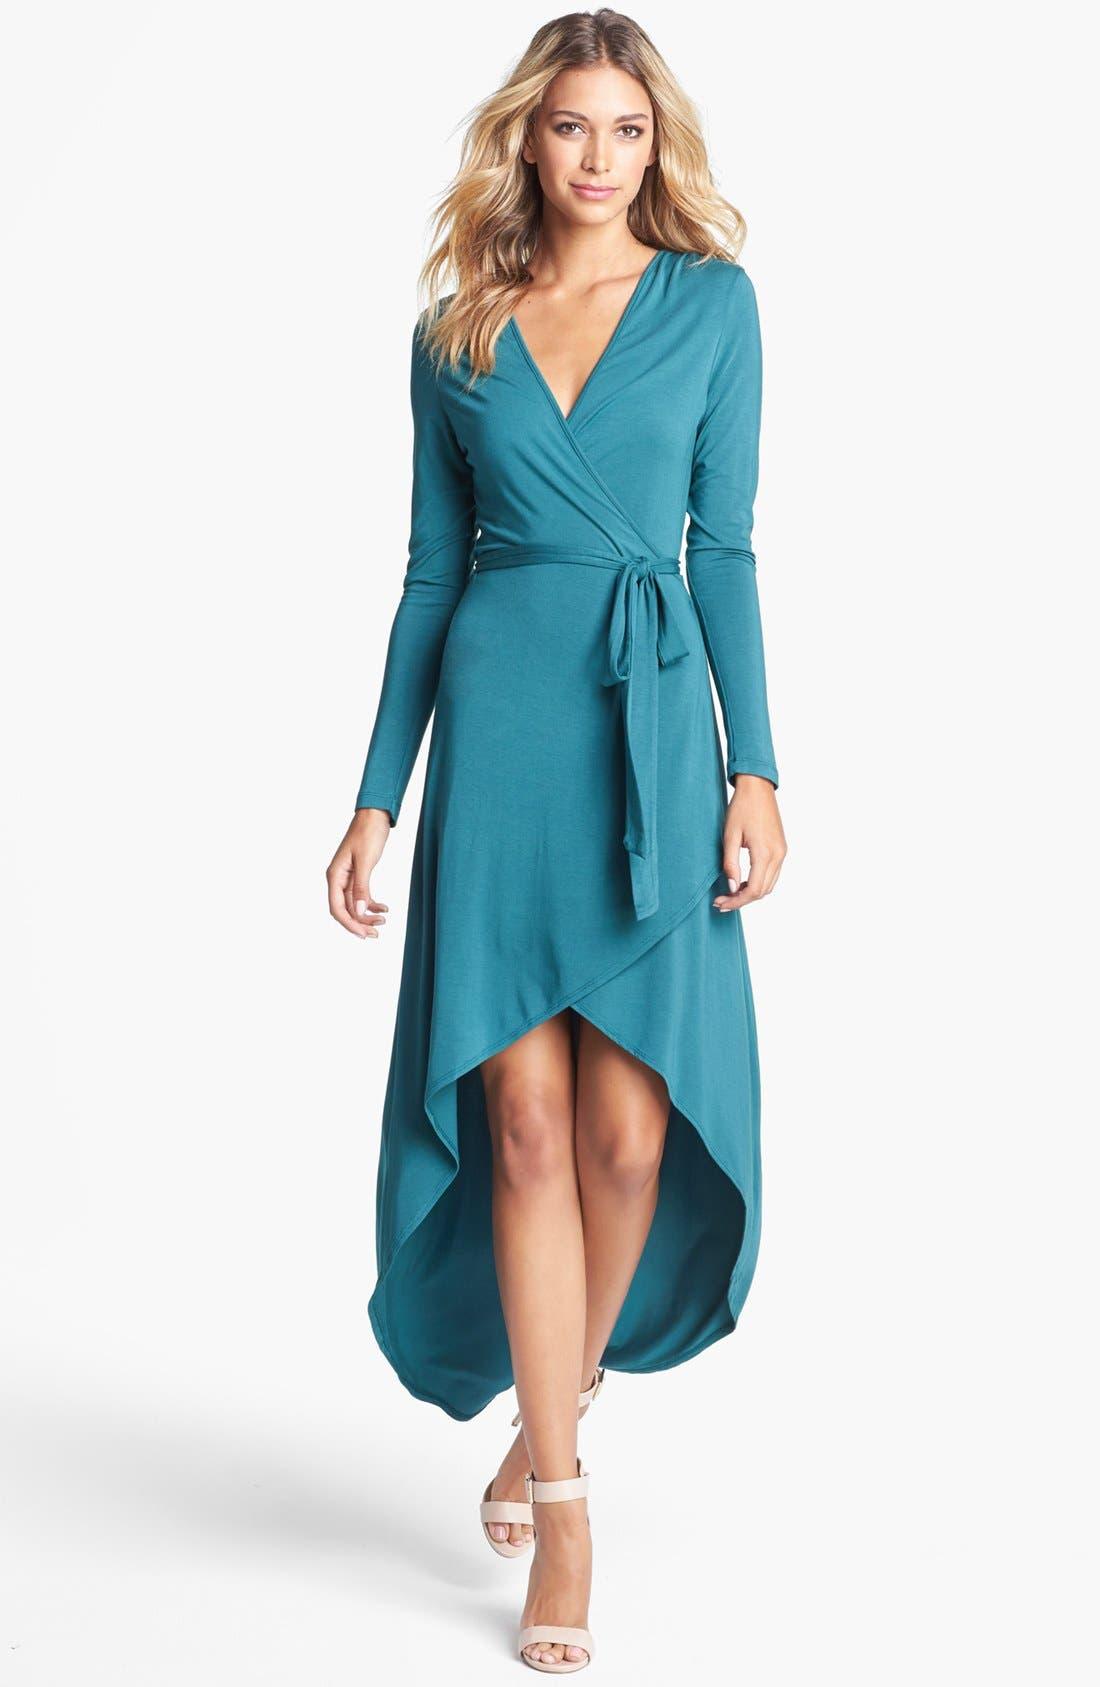 Main Image - Tart 'Autumn' High/Low Jersey Wrap Dress